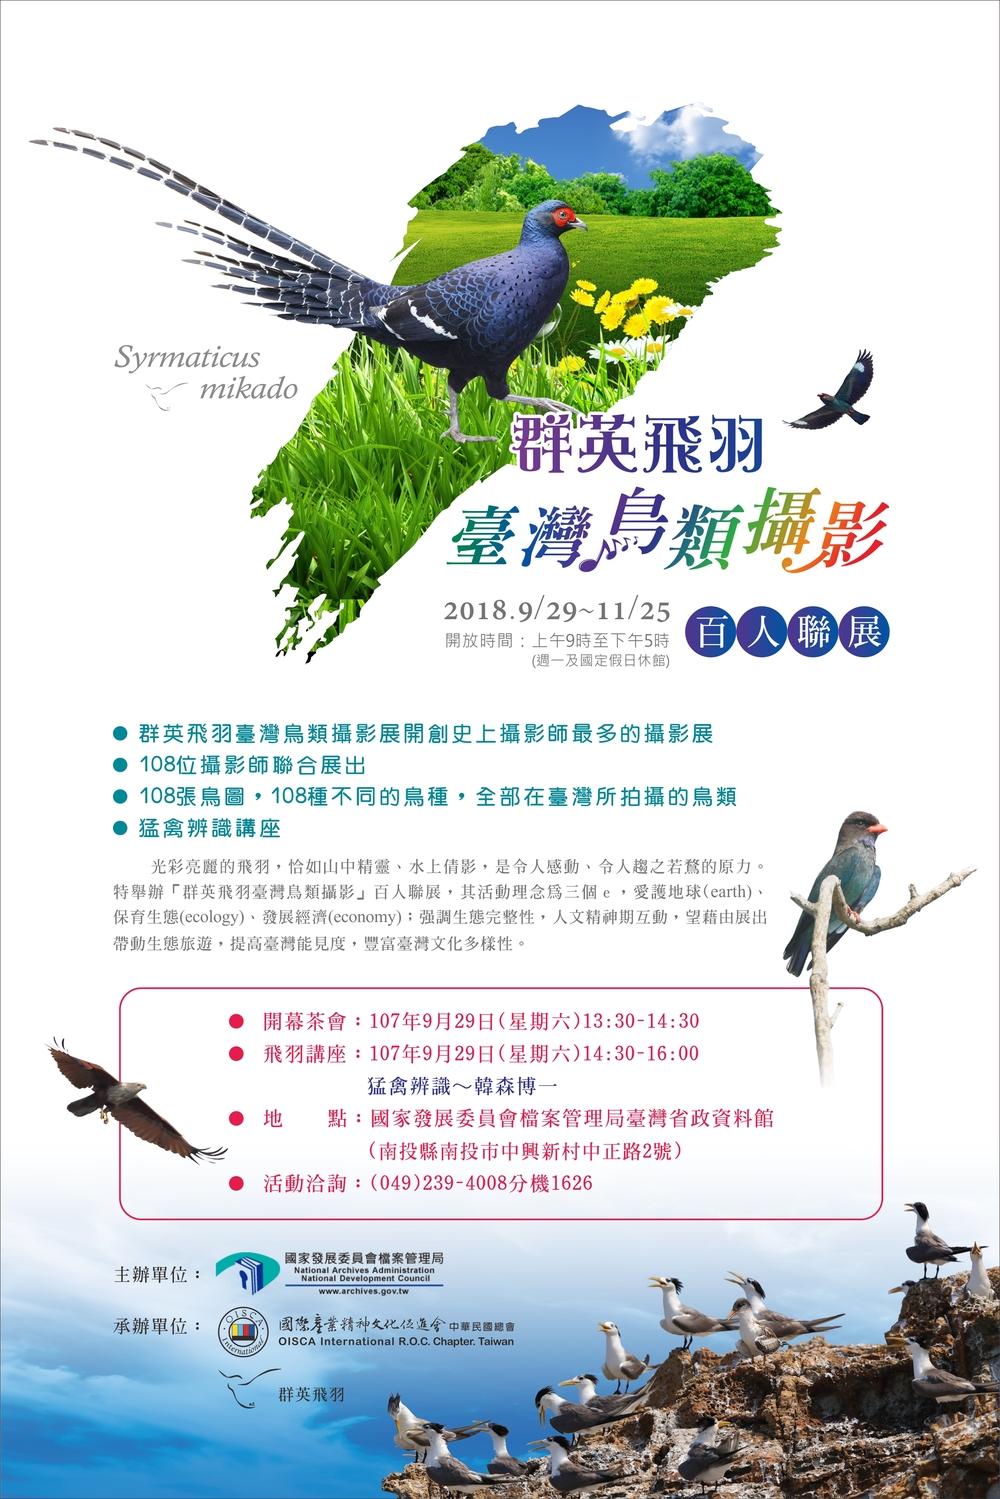 臺灣之美!群英飛羽臺灣鳥類攝影百人聯展